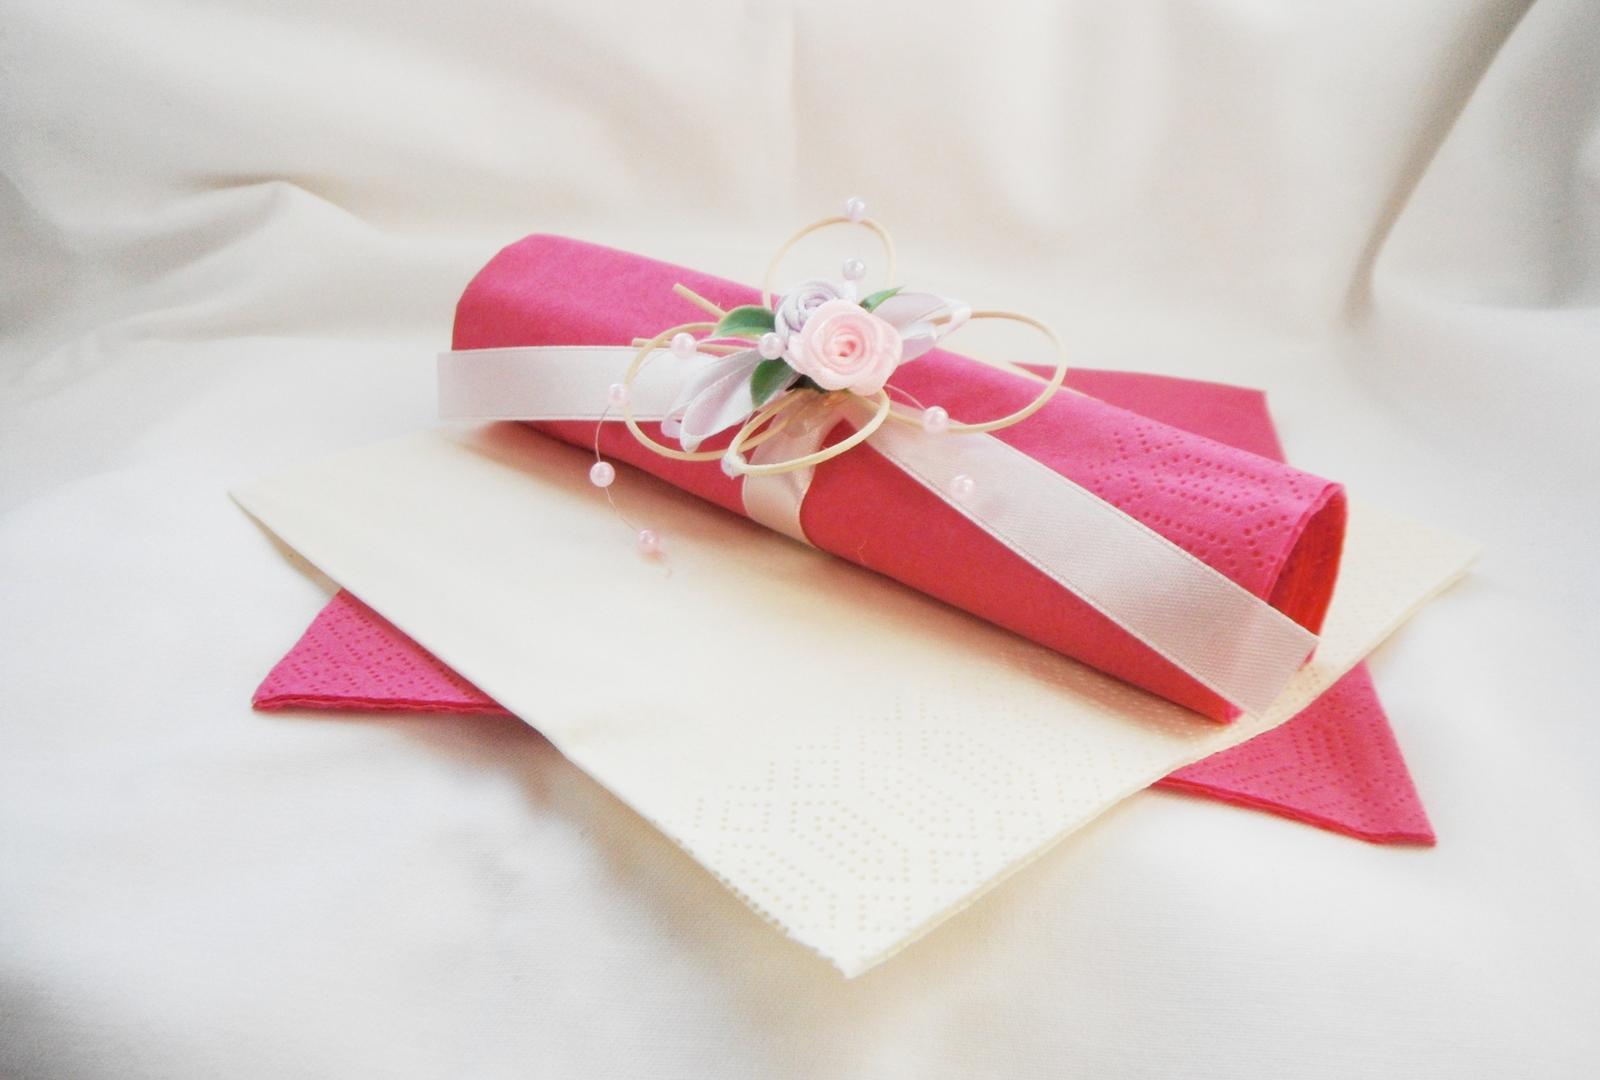 Sada k dekoraci svatebního stolu- malinová motýlí - Obrázek č. 3